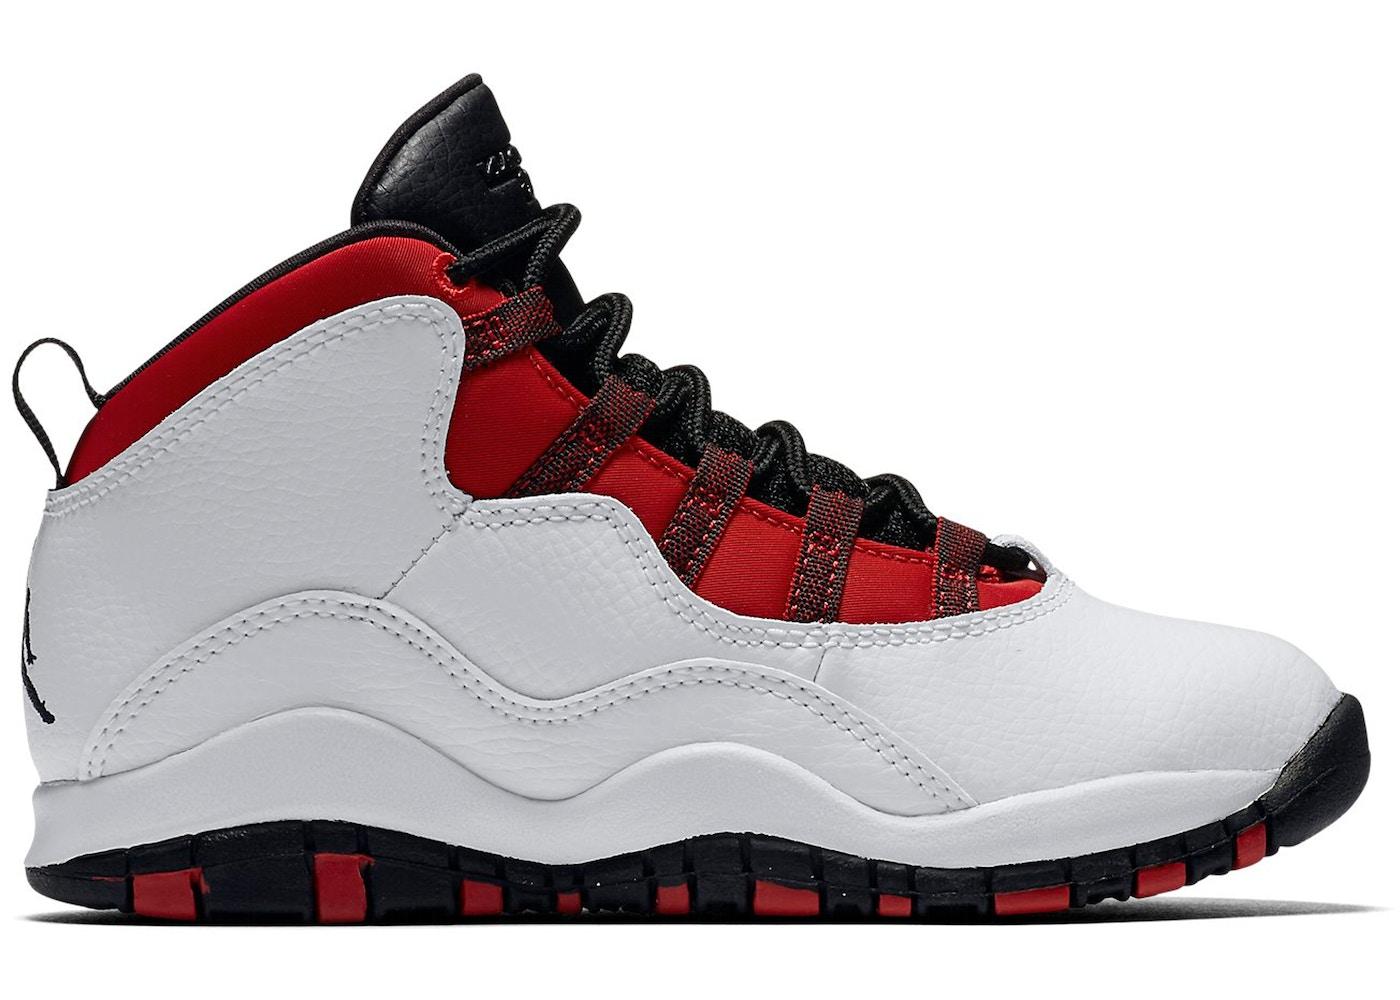 b79f1180952 Air Jordan 10 Shoes - Release Date